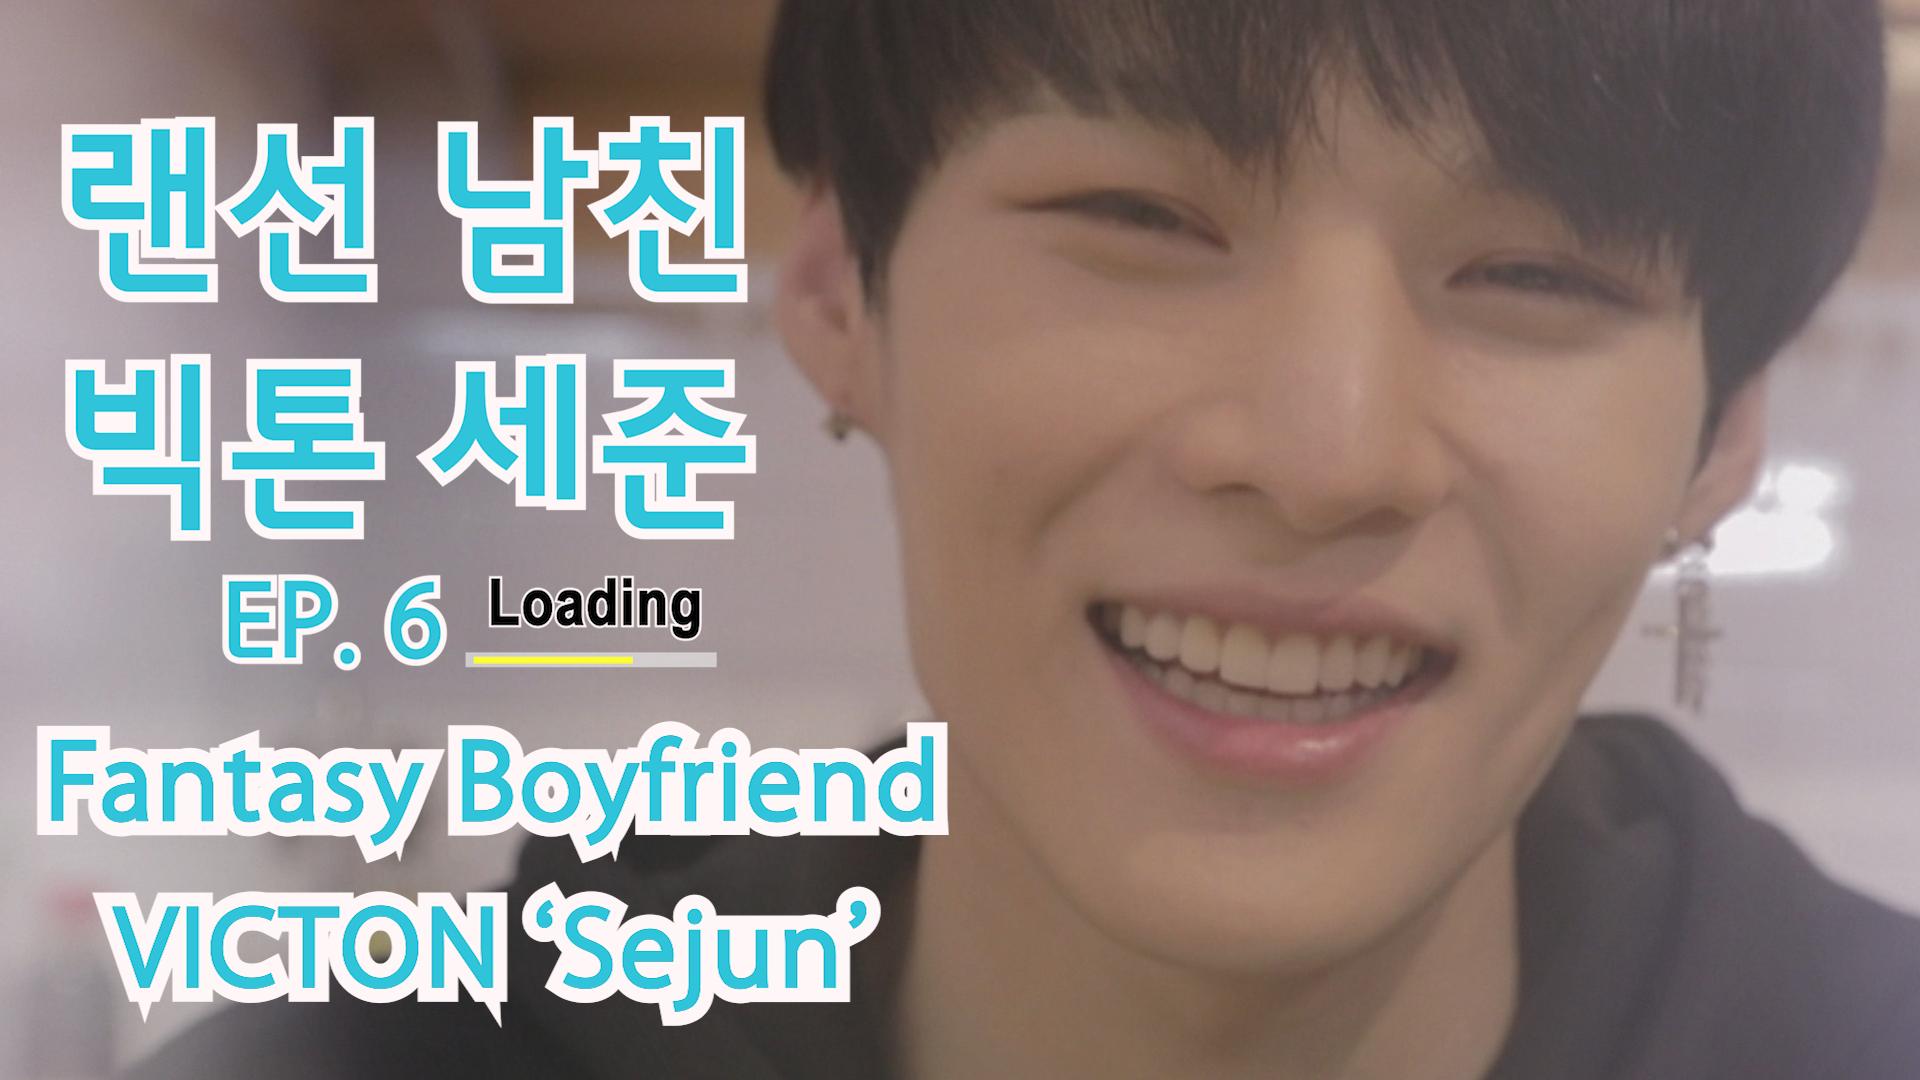 랜선남친의 HOME 데이트 '빅톤 세준'편 (2) [THE FANTASY BOYFRIEND IN MY HOUSE 'VICTON Sejun' (2)]